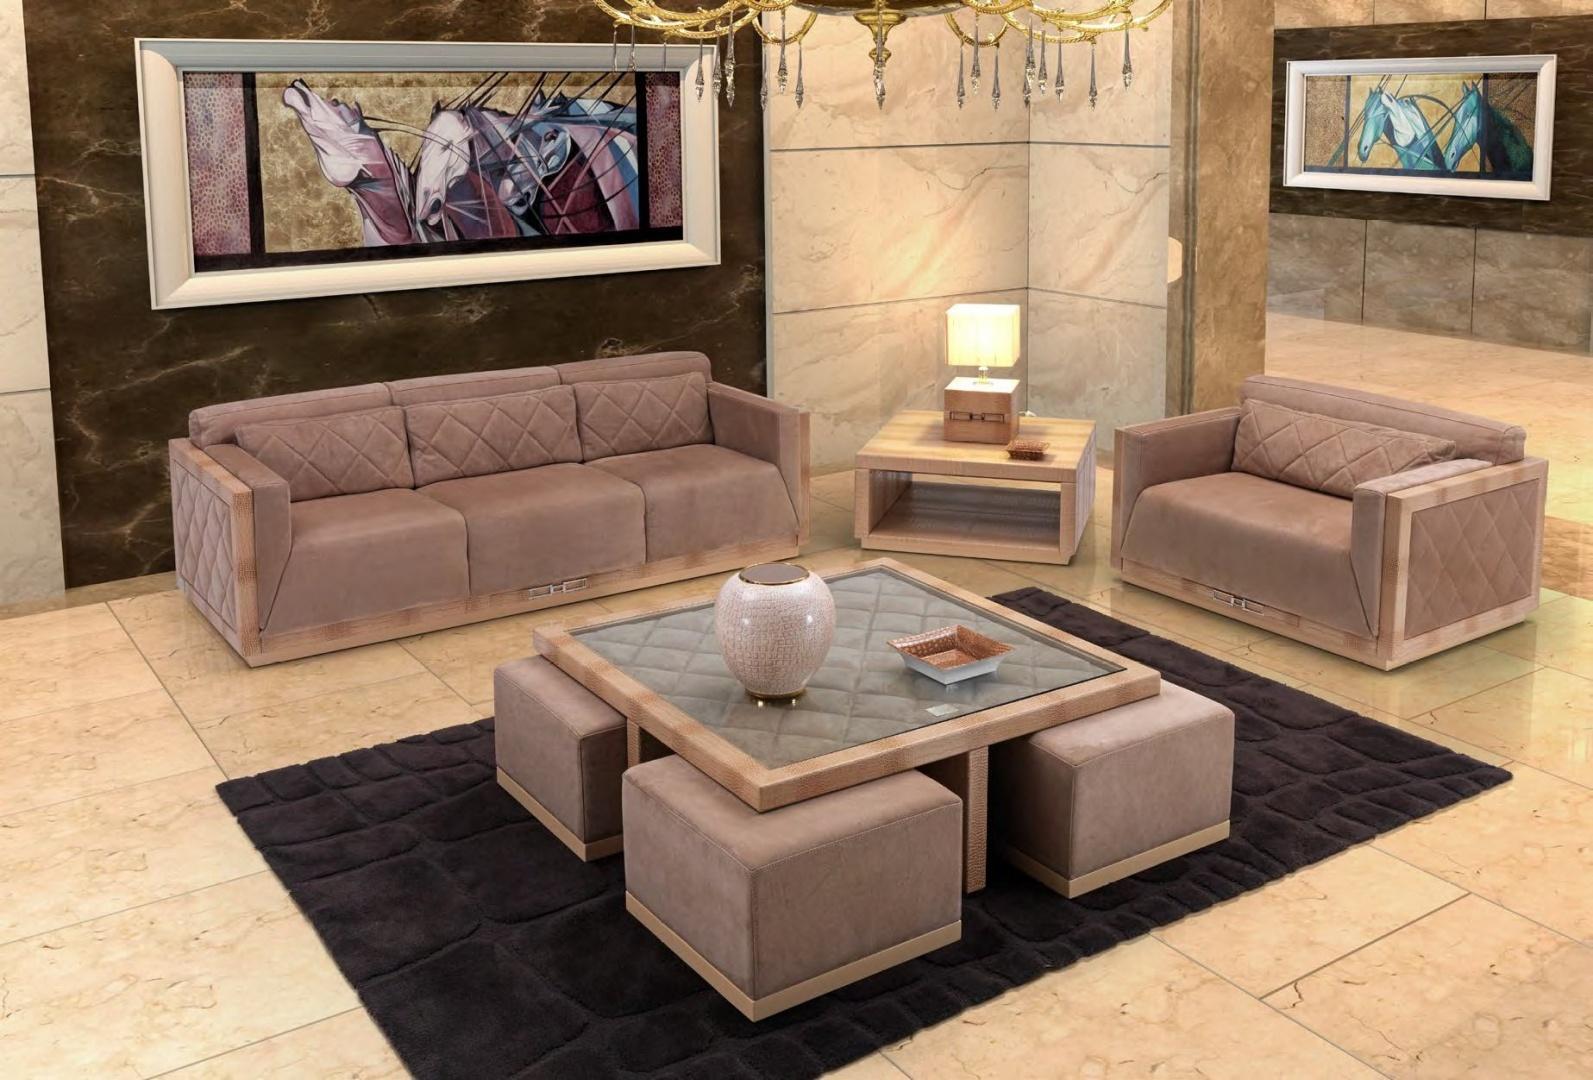 TRAFALGAR комплект мягкой мебели 89153